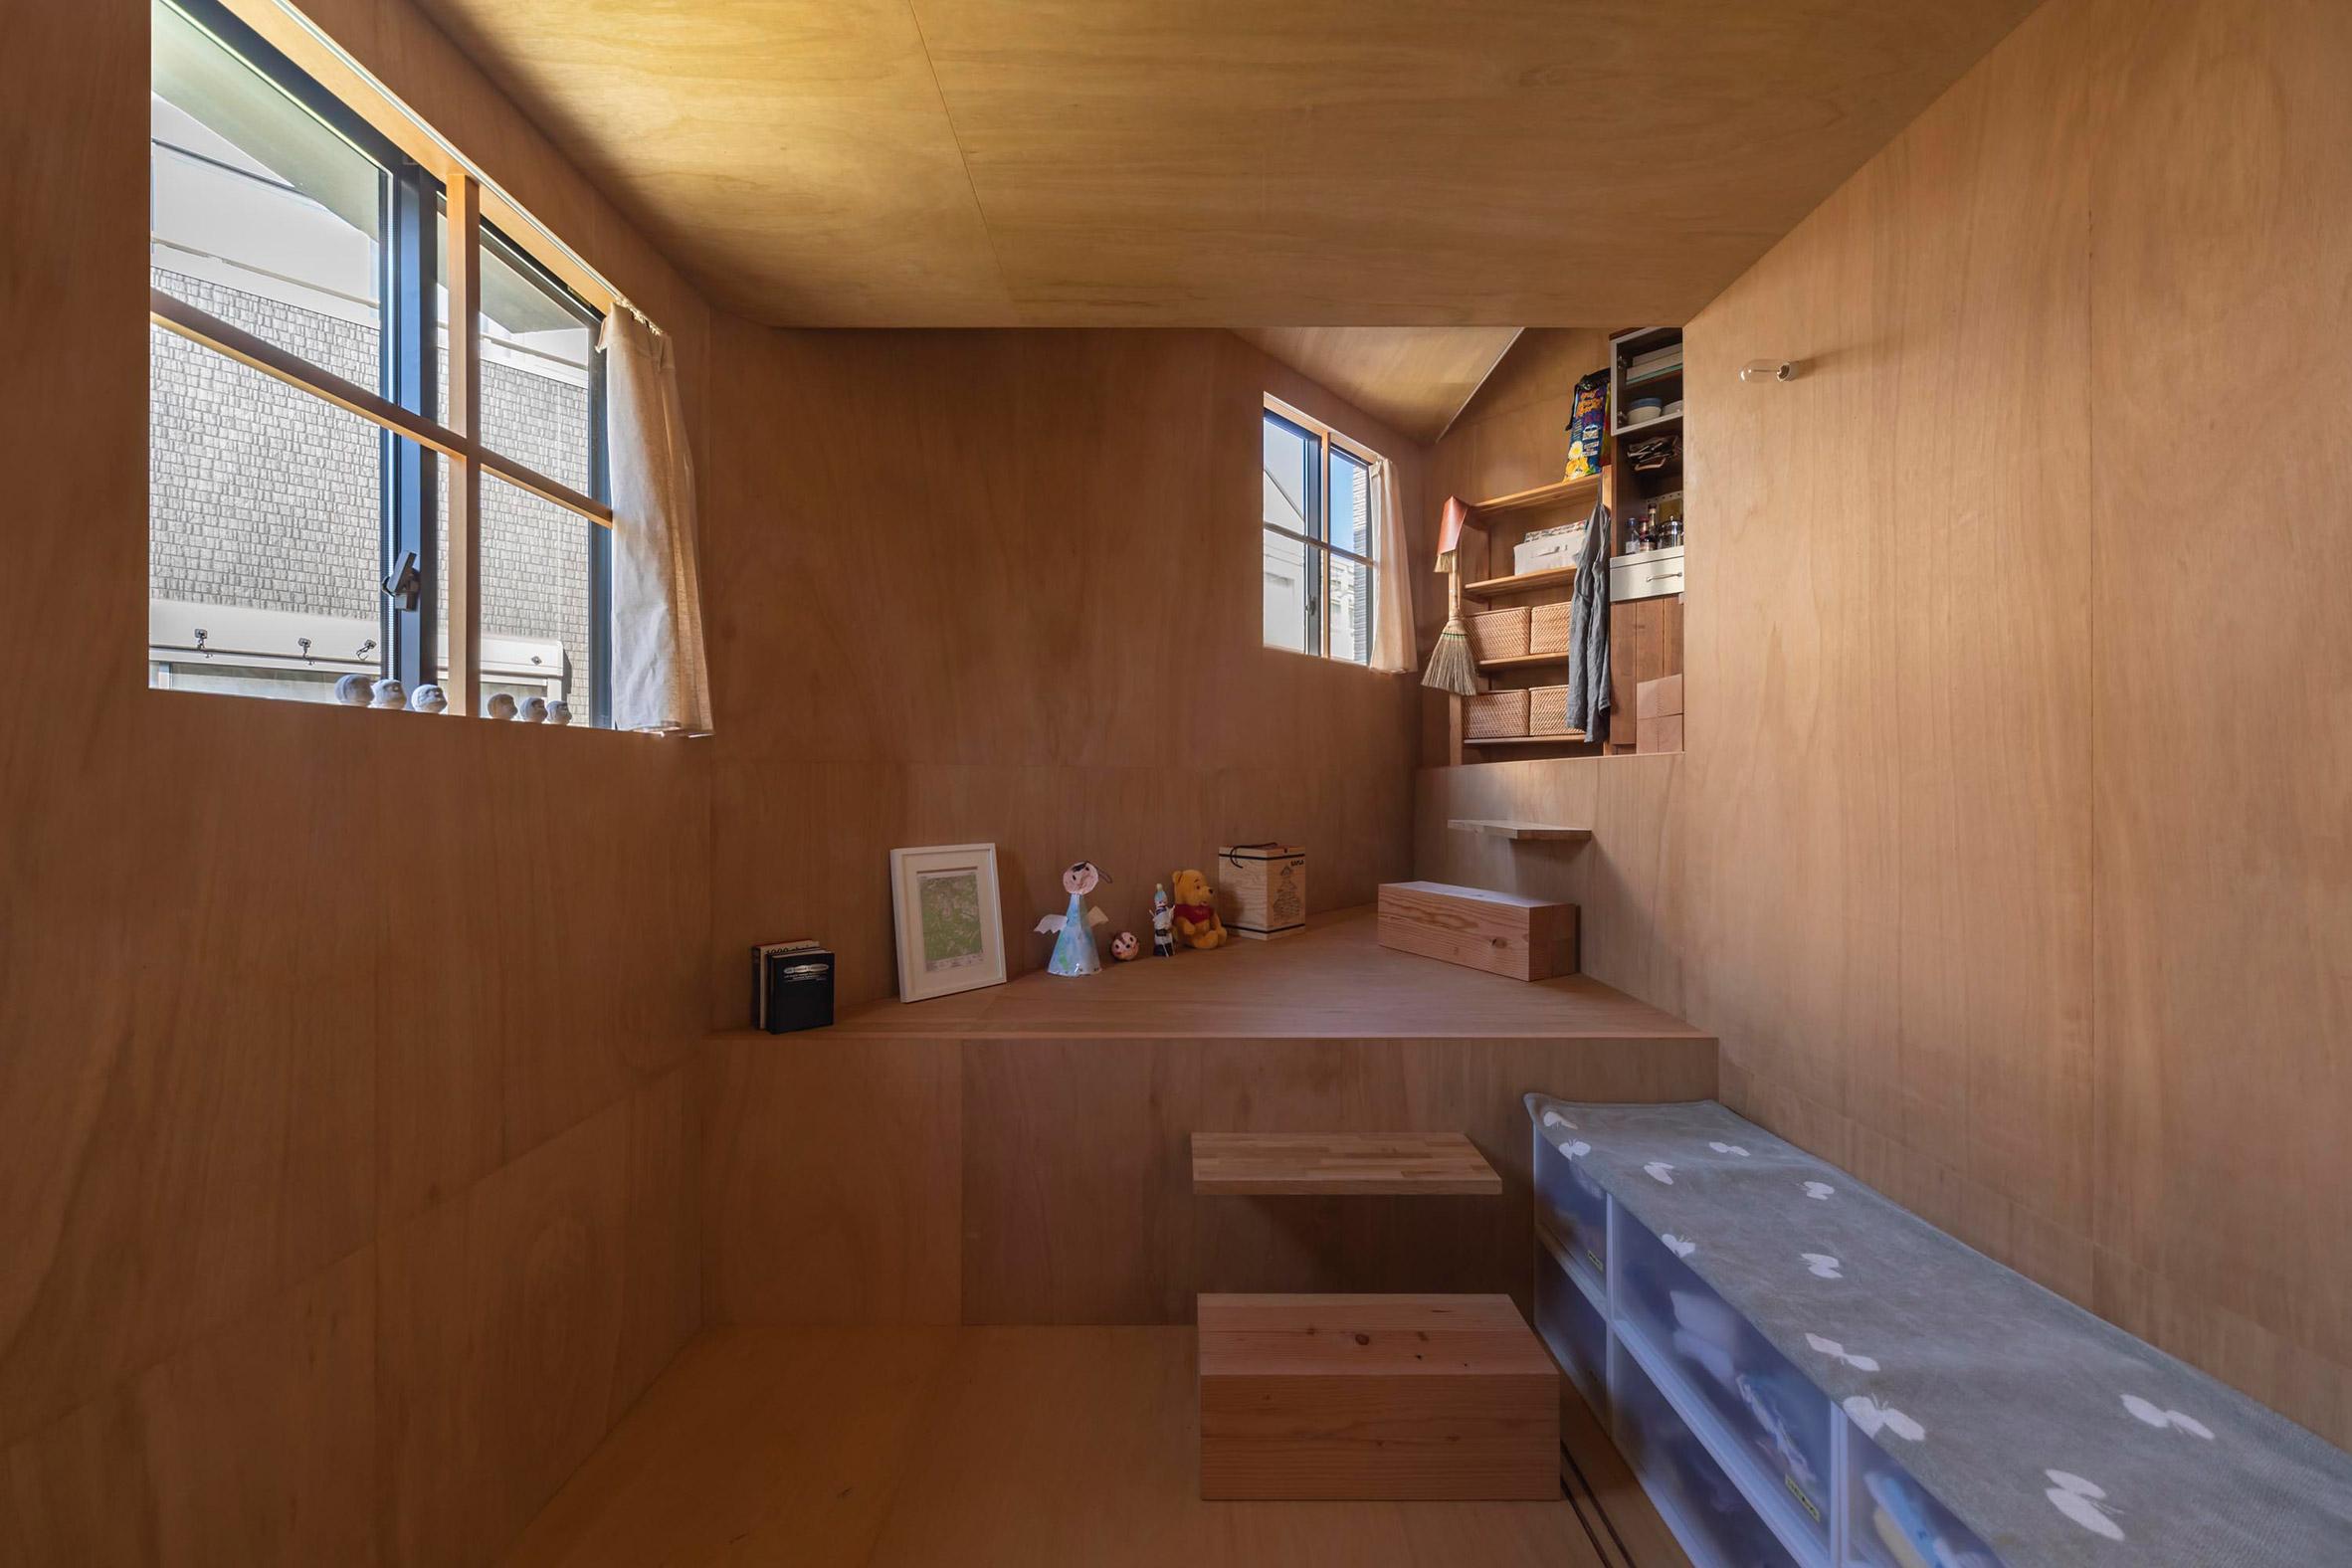 Thiết kế nội thất căn hộ nhỏ 26